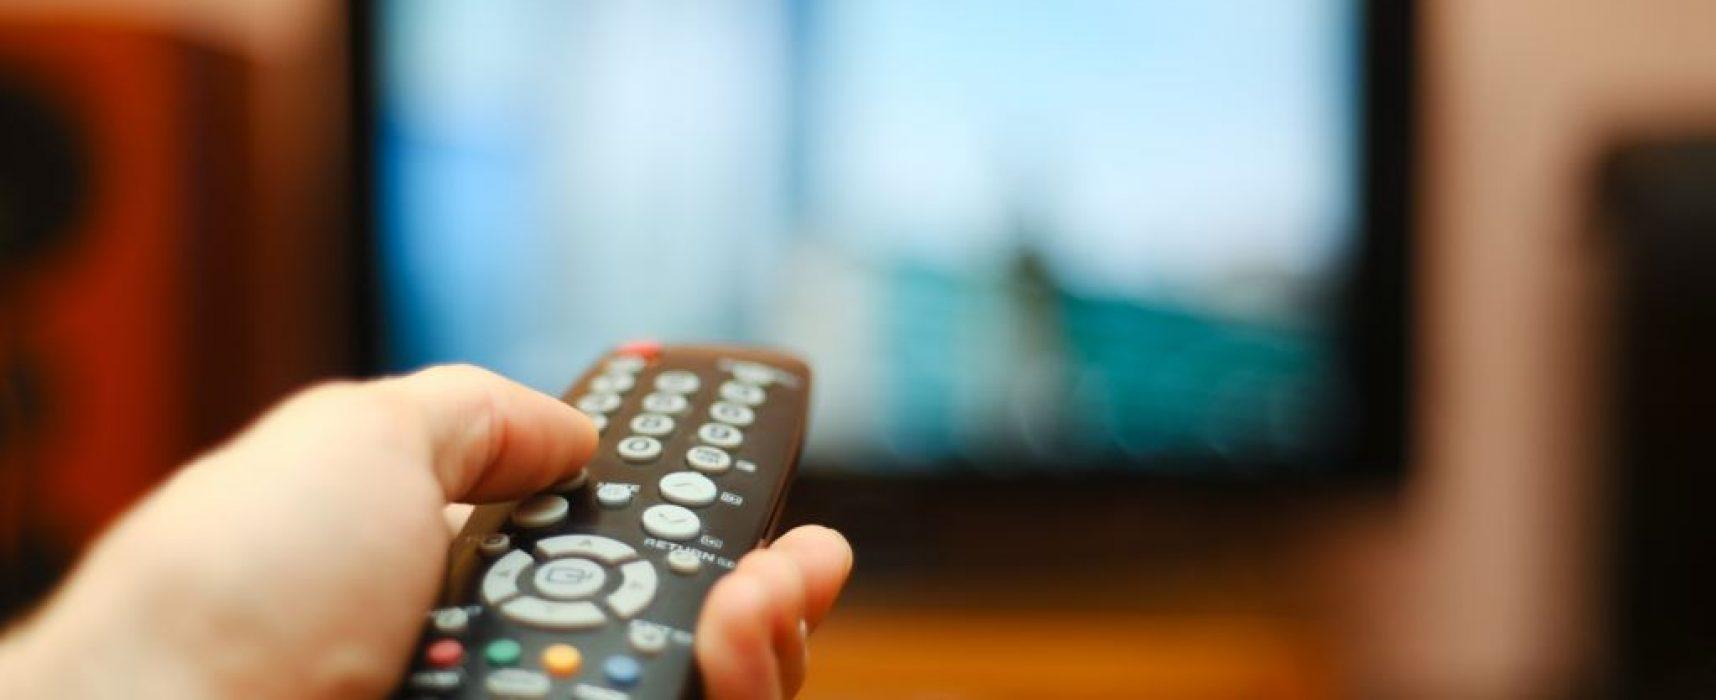 «Медиалогия»: на российских каналах стали реже упоминать Крым и Донбасс